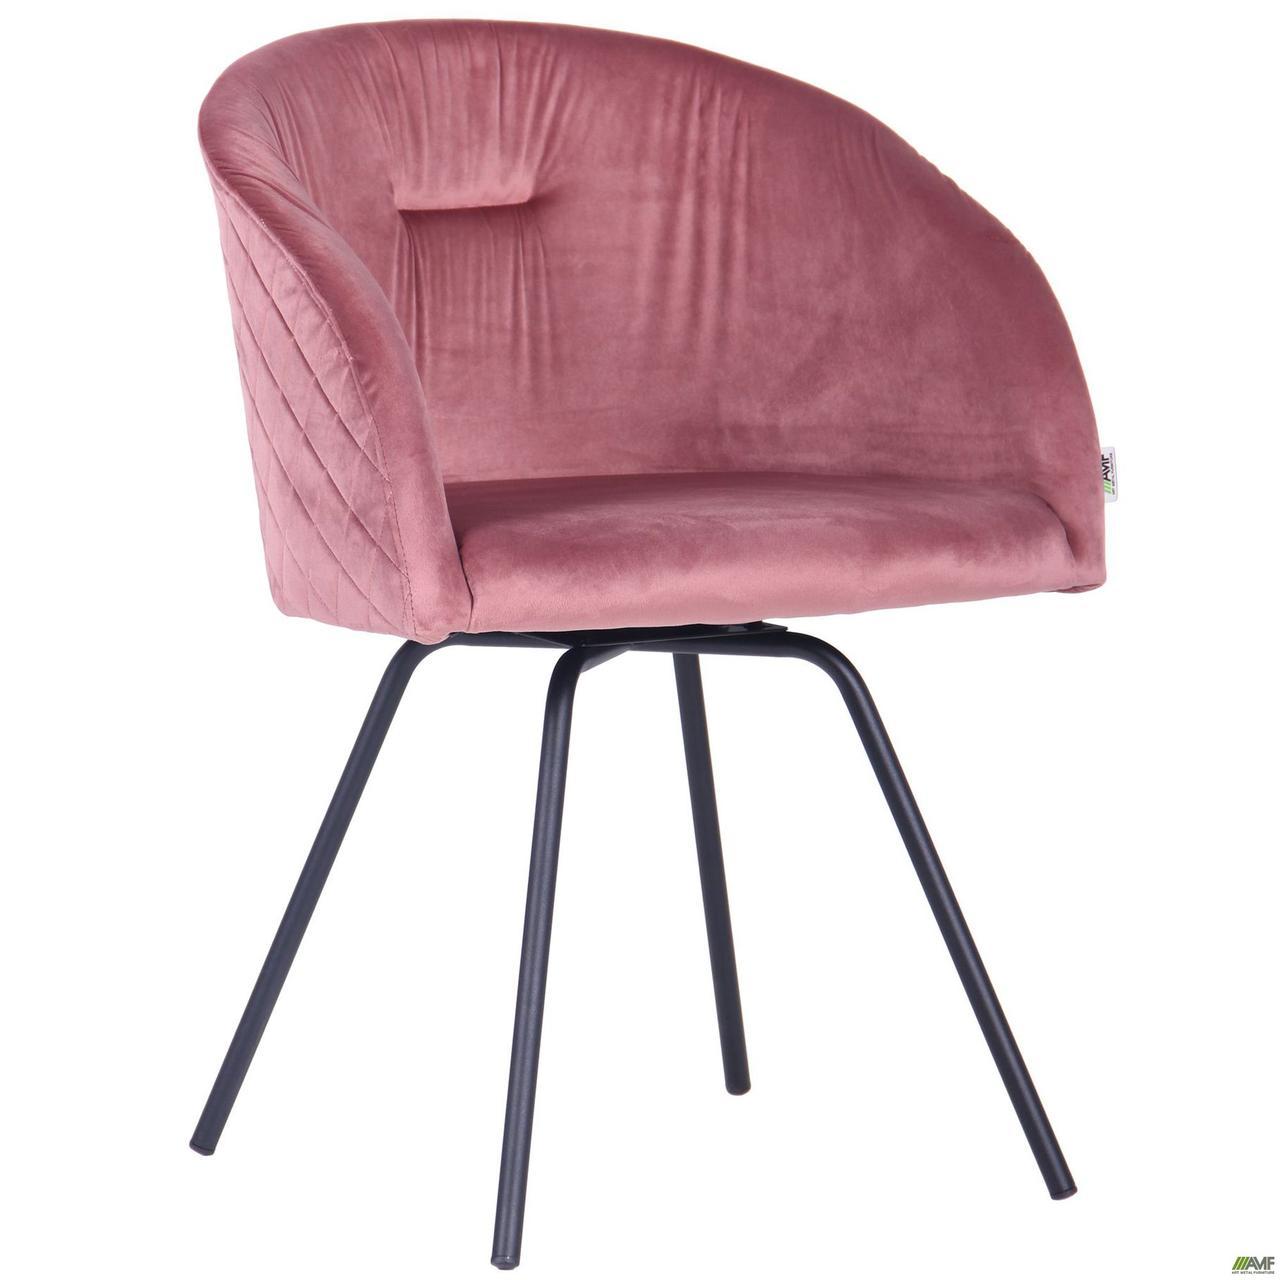 Крісло поворотне Sacramento чорний/велюр рожевий антик